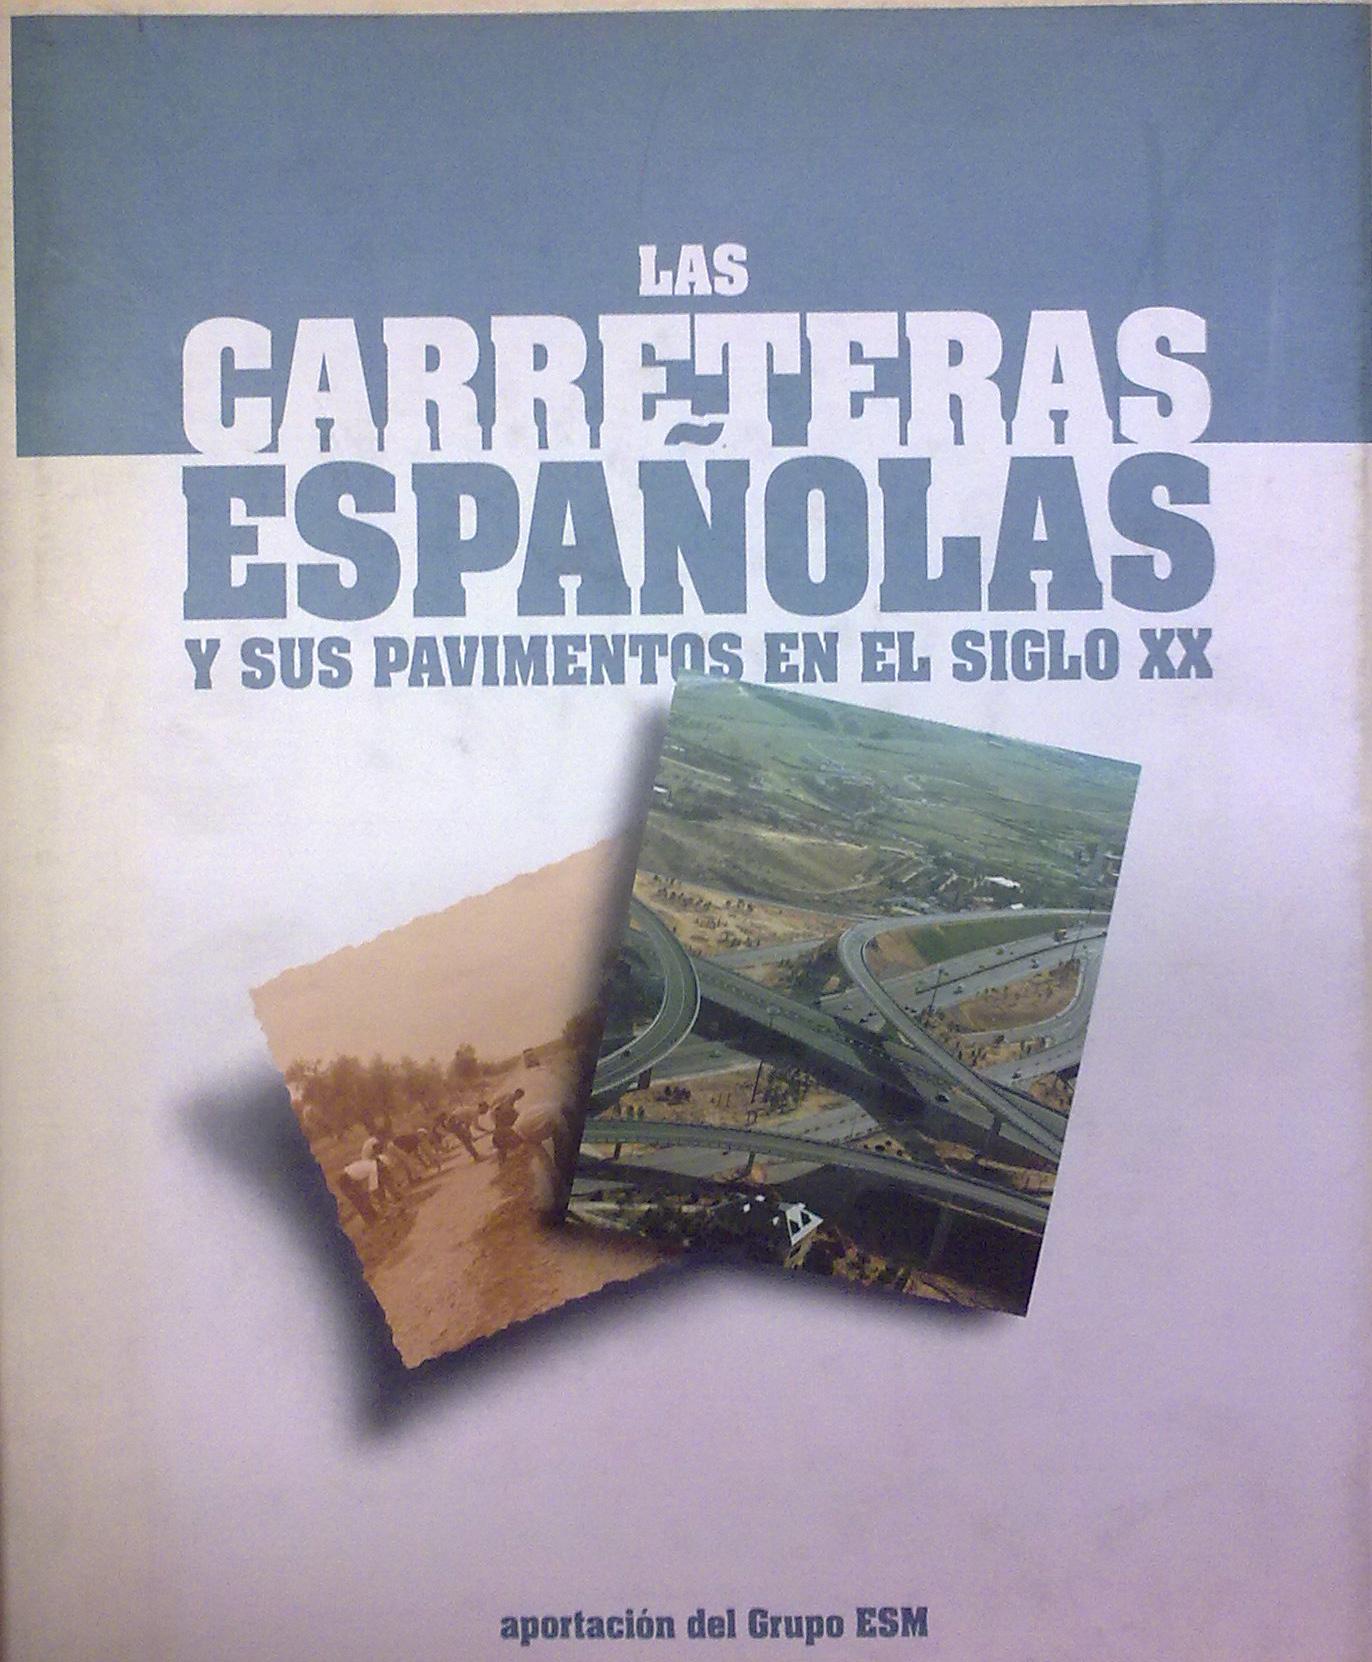 Las Carreteras españolas y sus pavimentos en el siglo XX